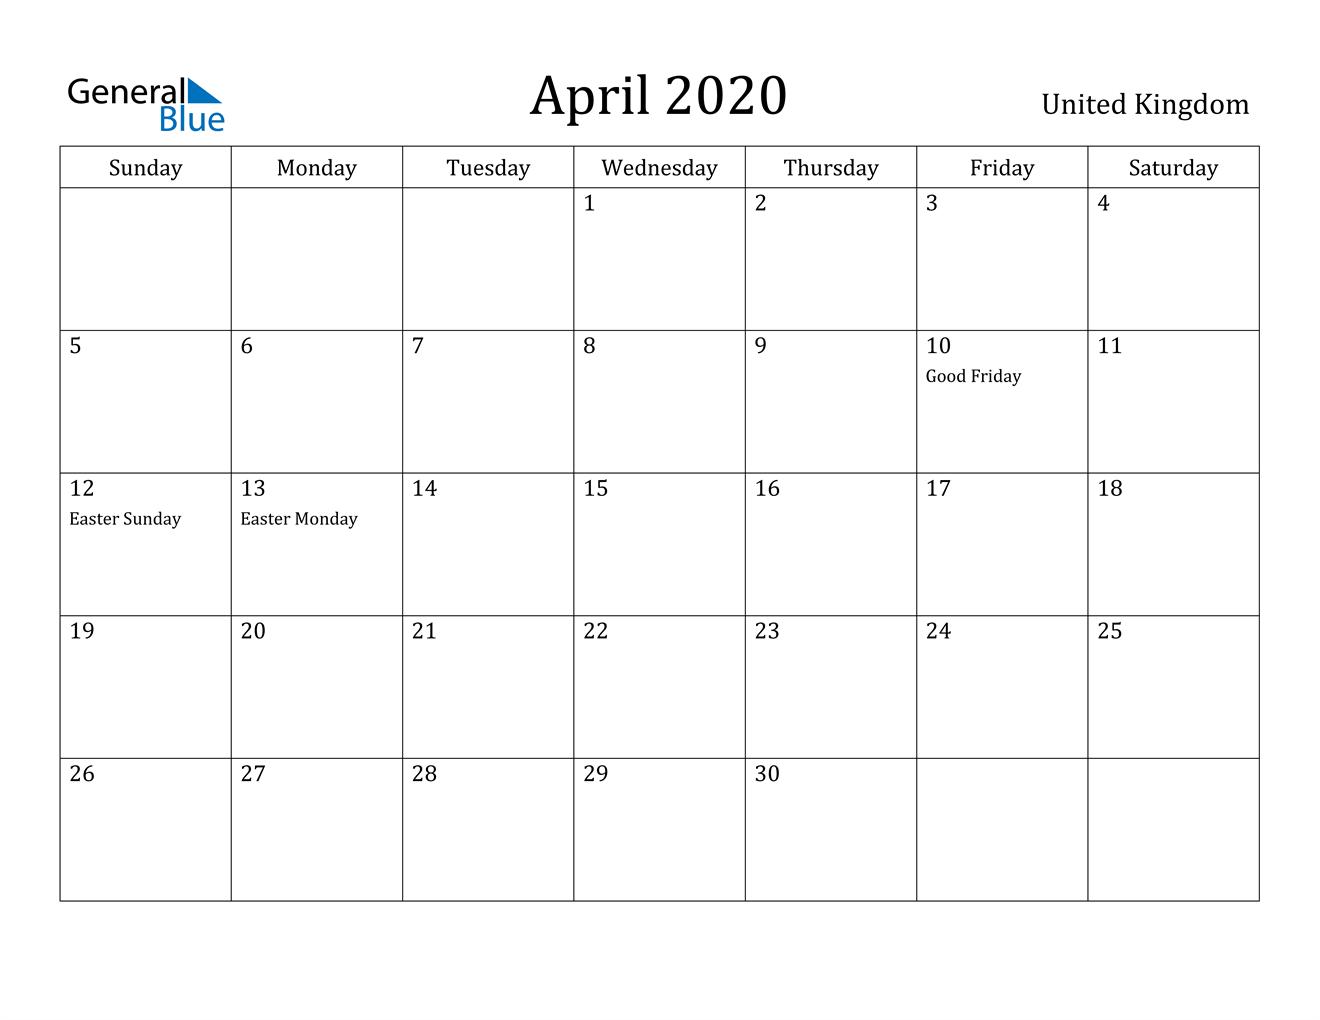 Image of April 2020 United Kingdom Calendar with Holidays Calendar